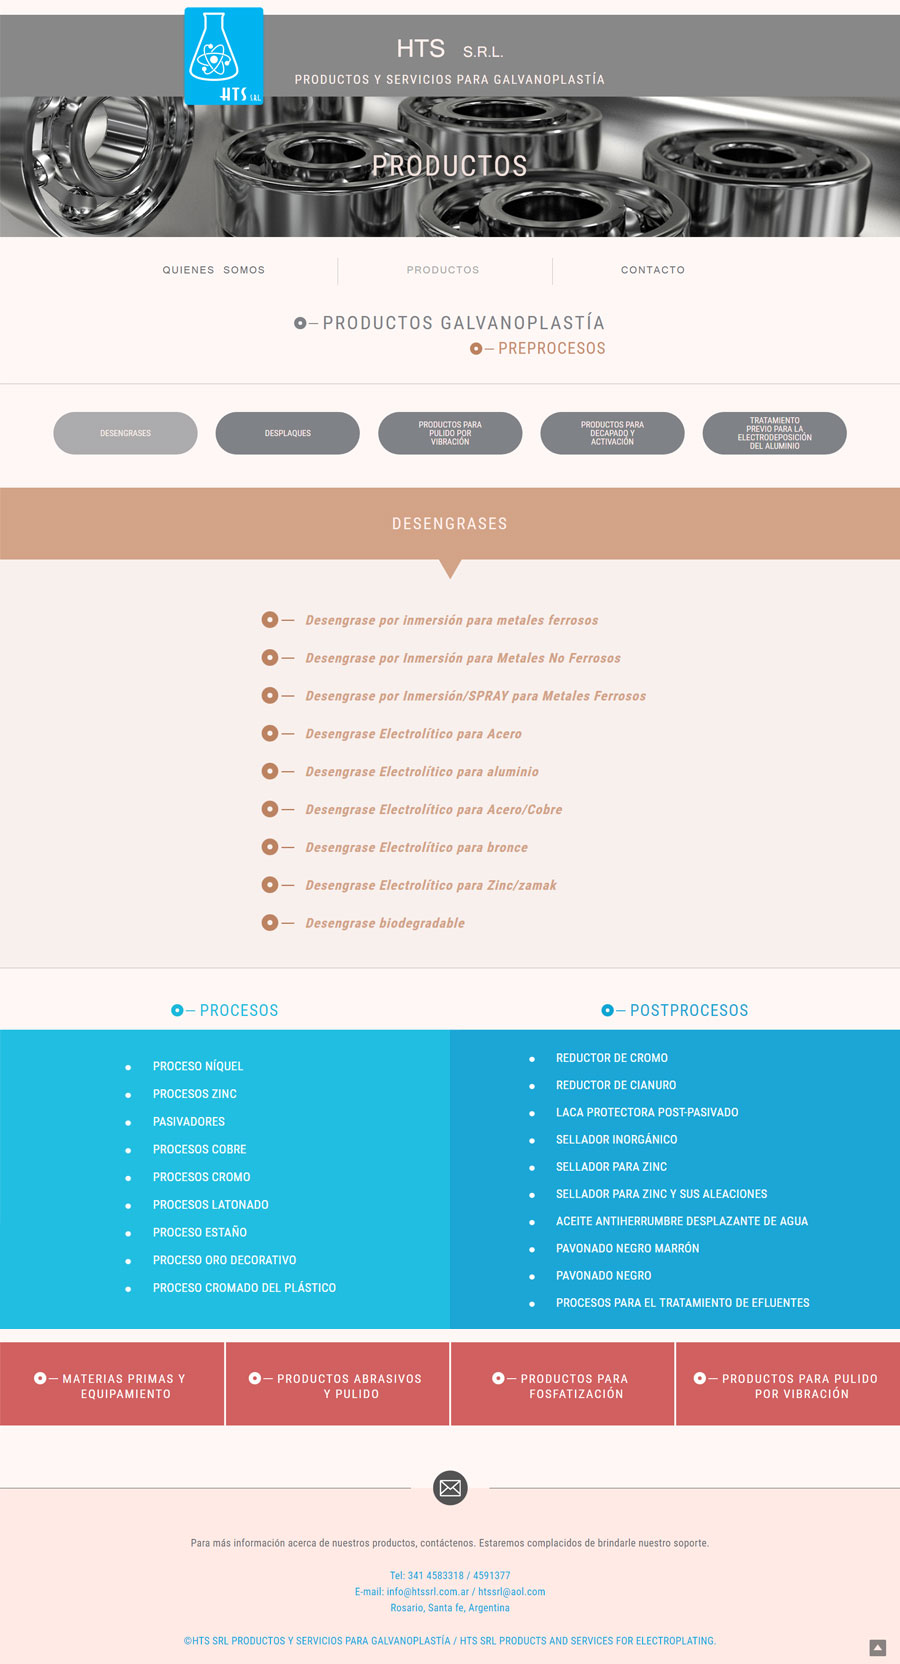 Web diseñada y desarrollada por lavueltaweb para la empresa HTS SRL Desengrases, desplaques, Productos y servicios de Galvanoplastía.